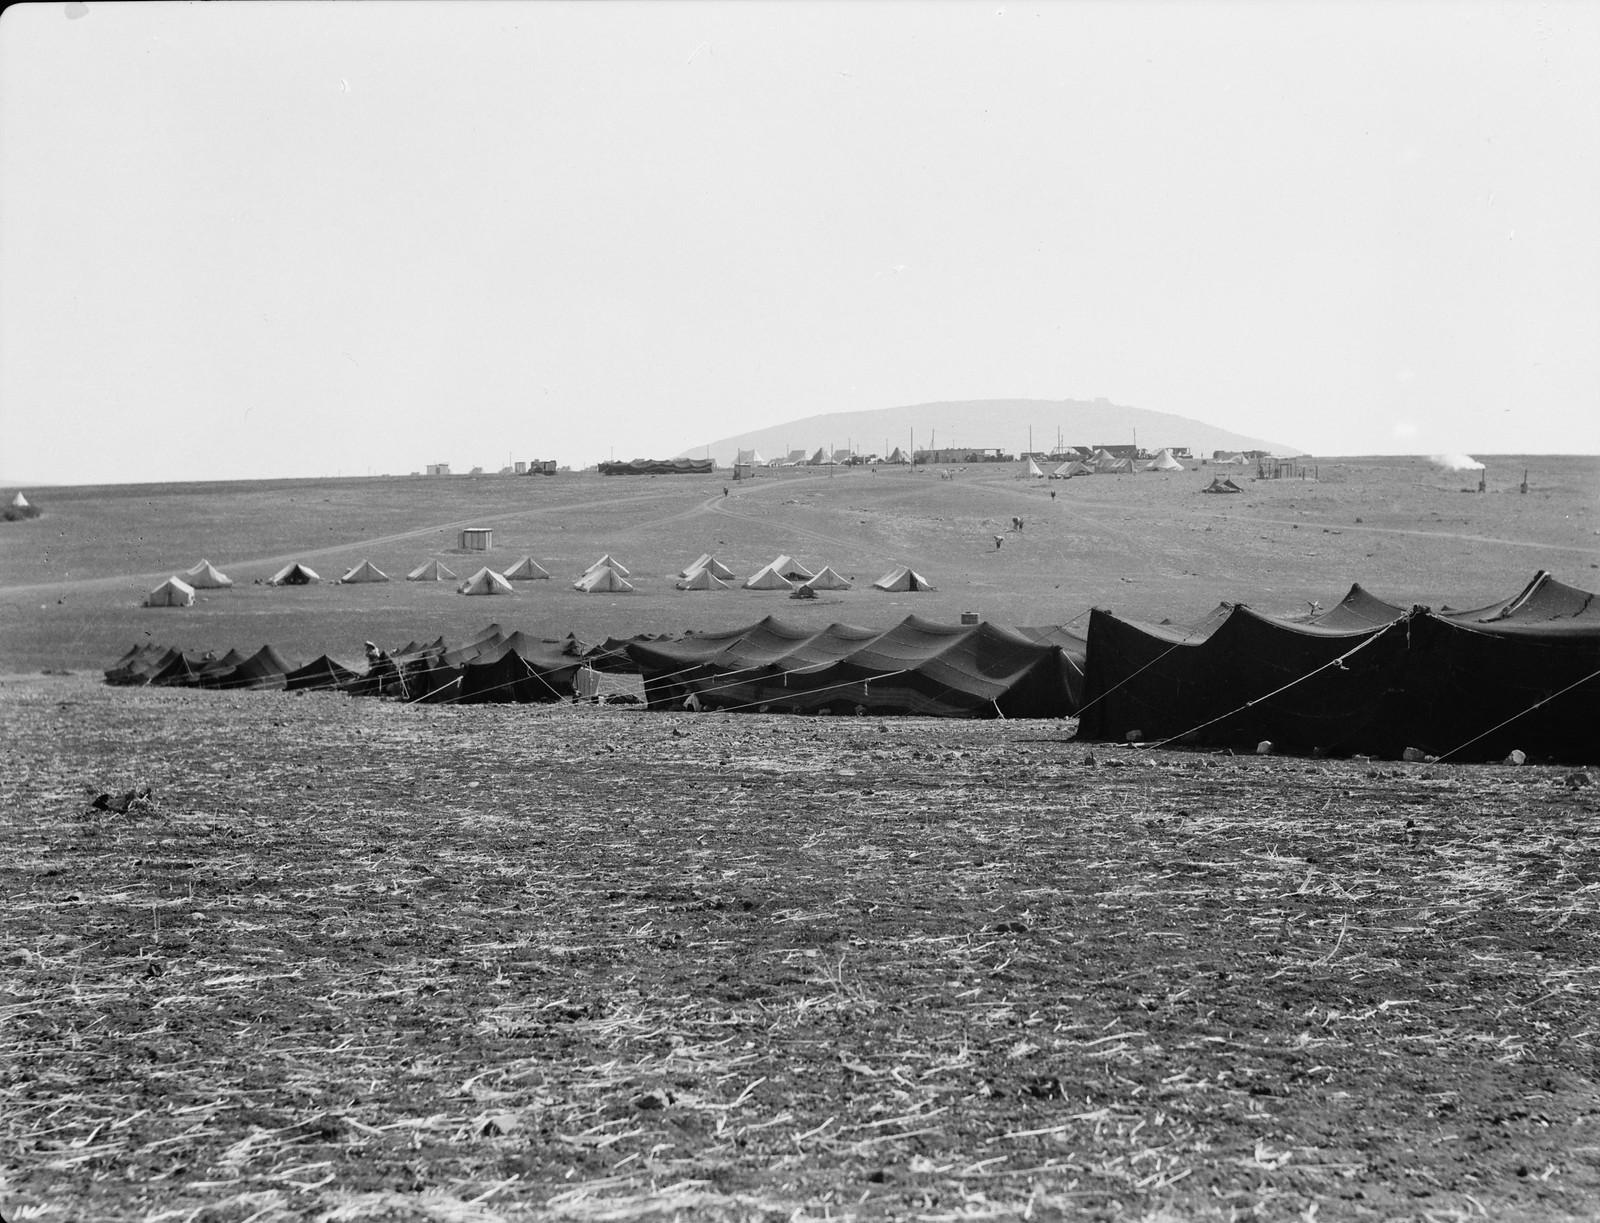 03. Лагерь IPC (Иракская нефтяная компания) возле Фавора с бедуинскими палатками. Арабские рабочие